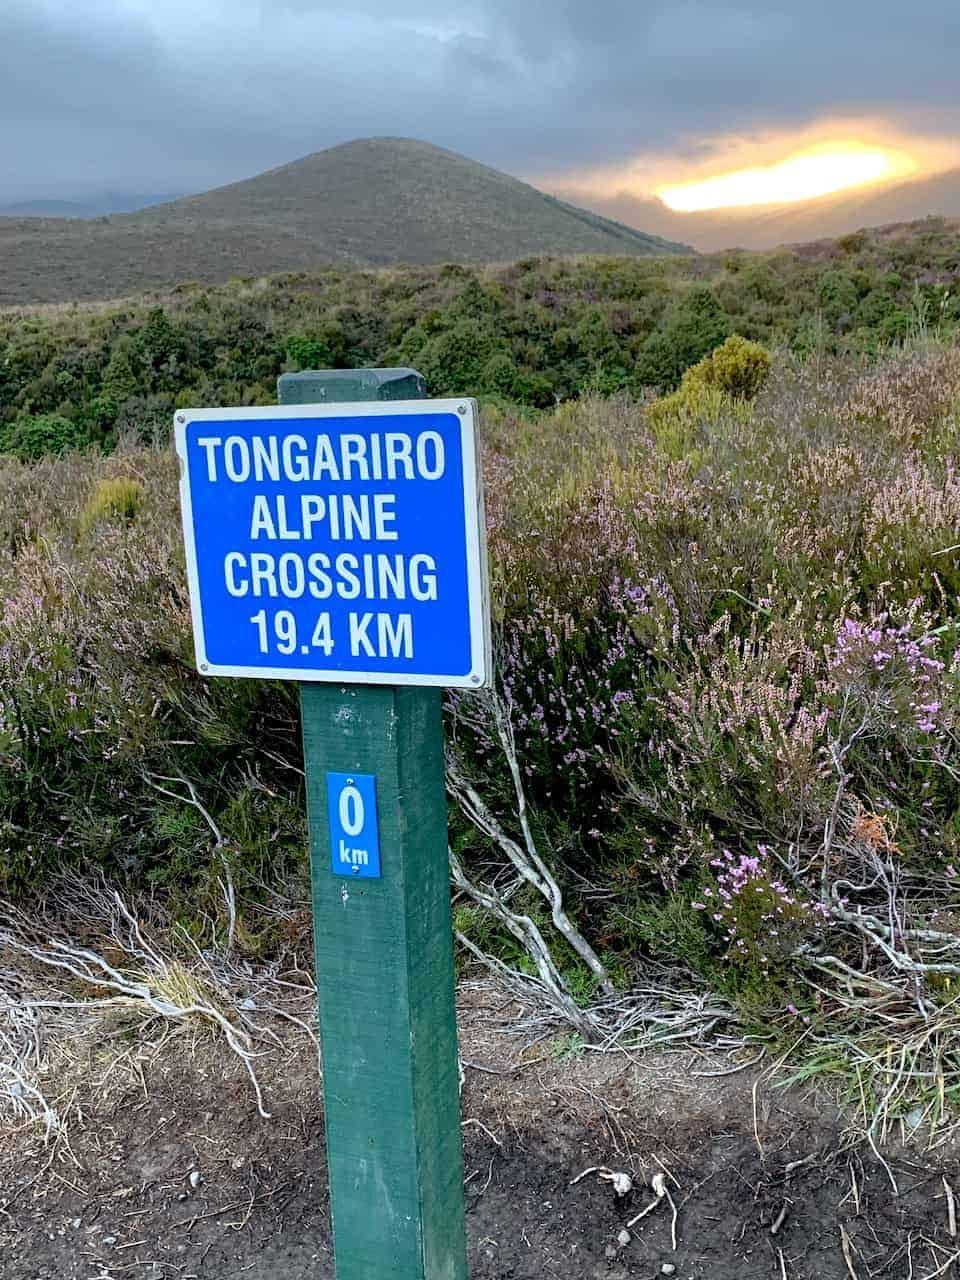 Tongariro 19.4KM